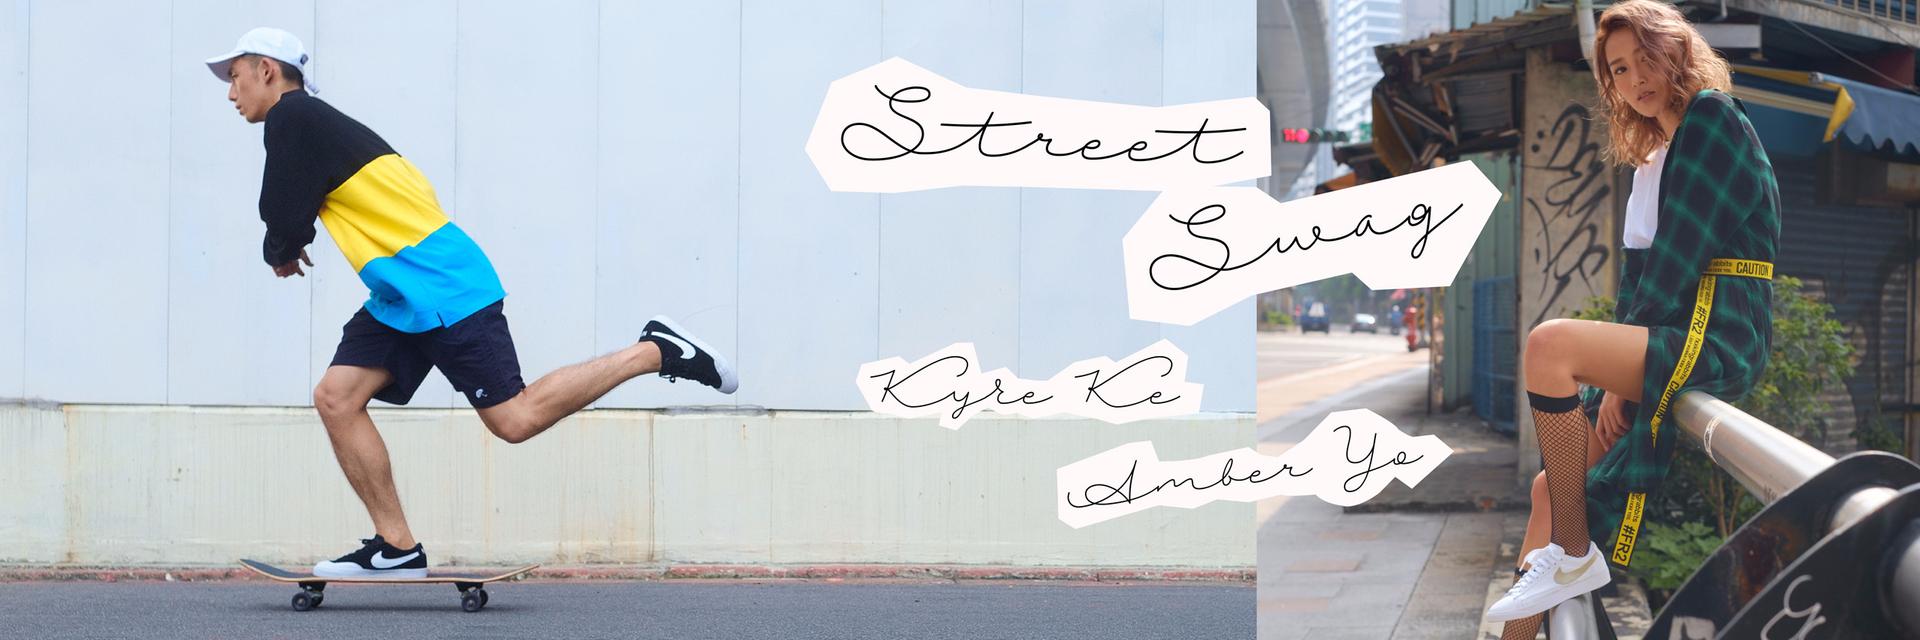 無關主流、非主流!滑板手–柯家恩 & 美聲女力–安柏兒,創造日常 Street Swag 靠這招